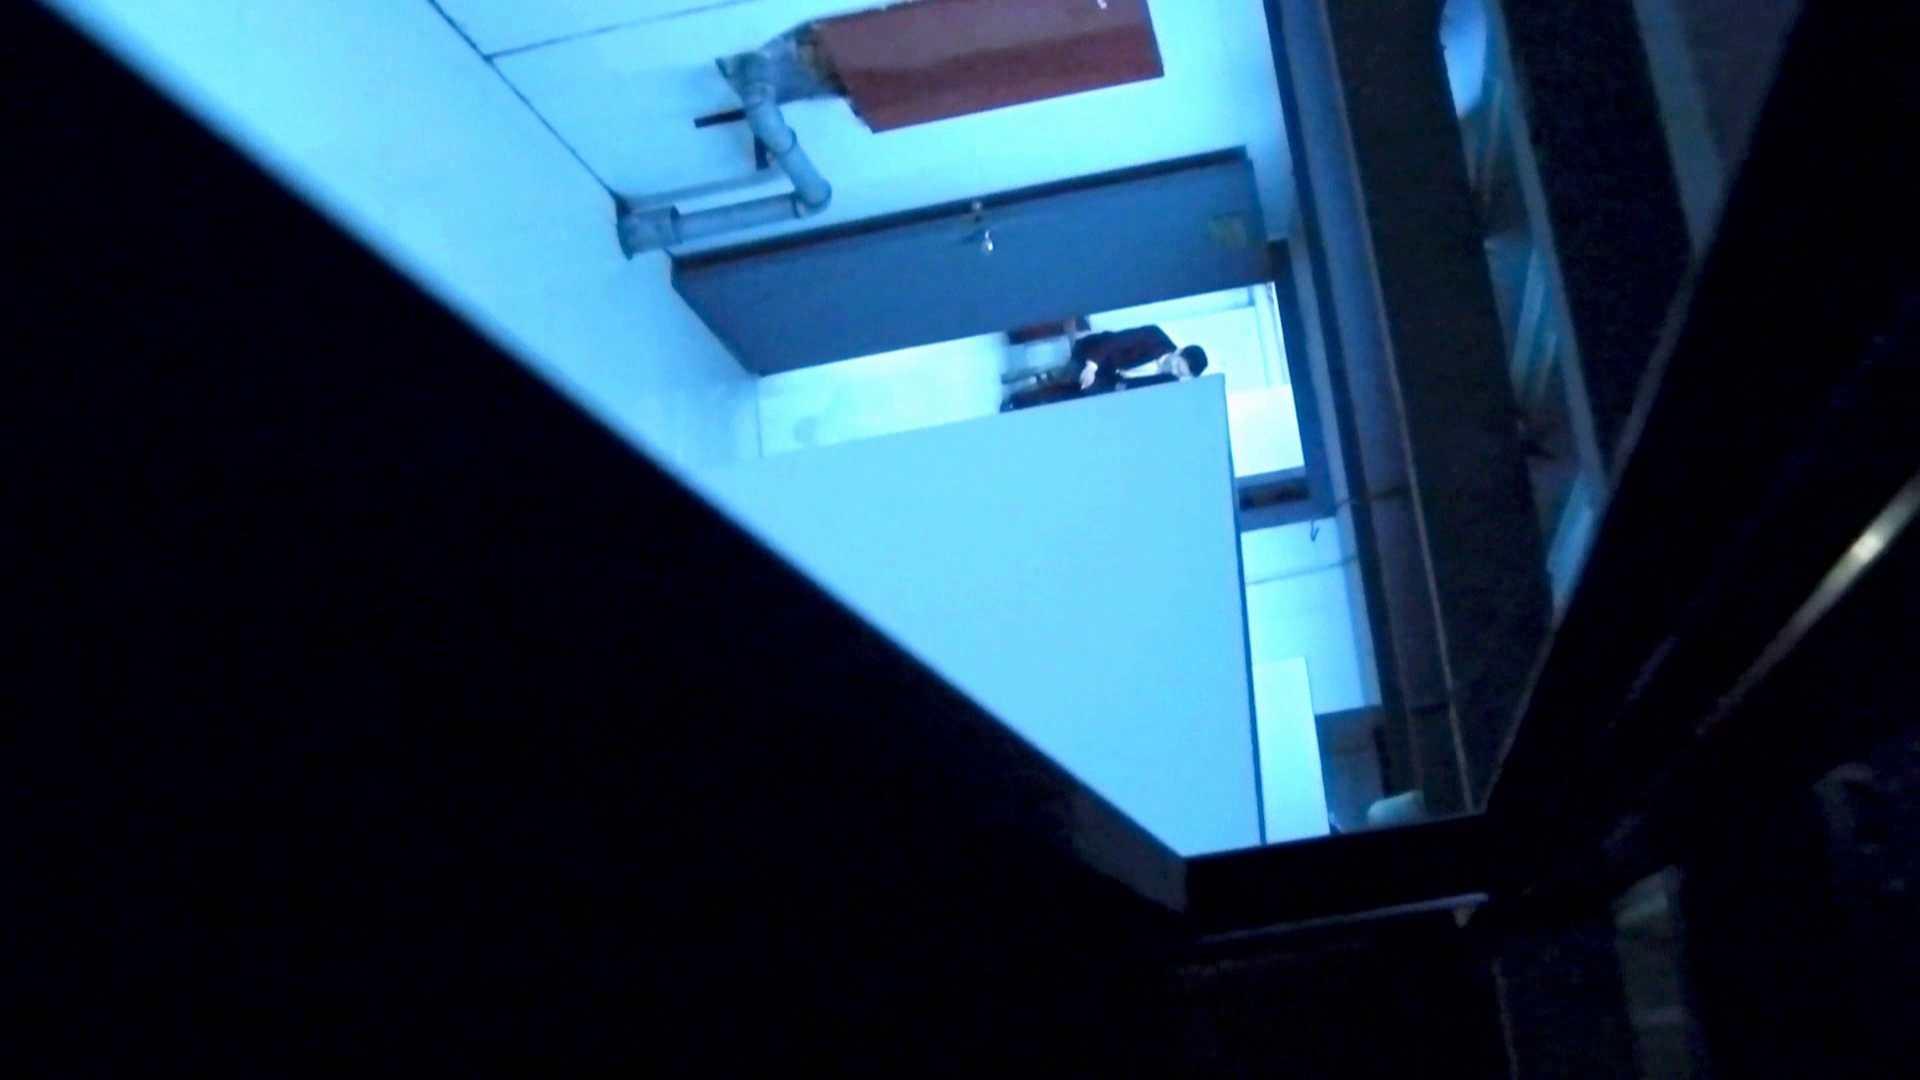 新世界の射窓 No70 世界の窓70 八頭身美女のエロい中腰 丸見え AV無料動画キャプチャ 101画像 27